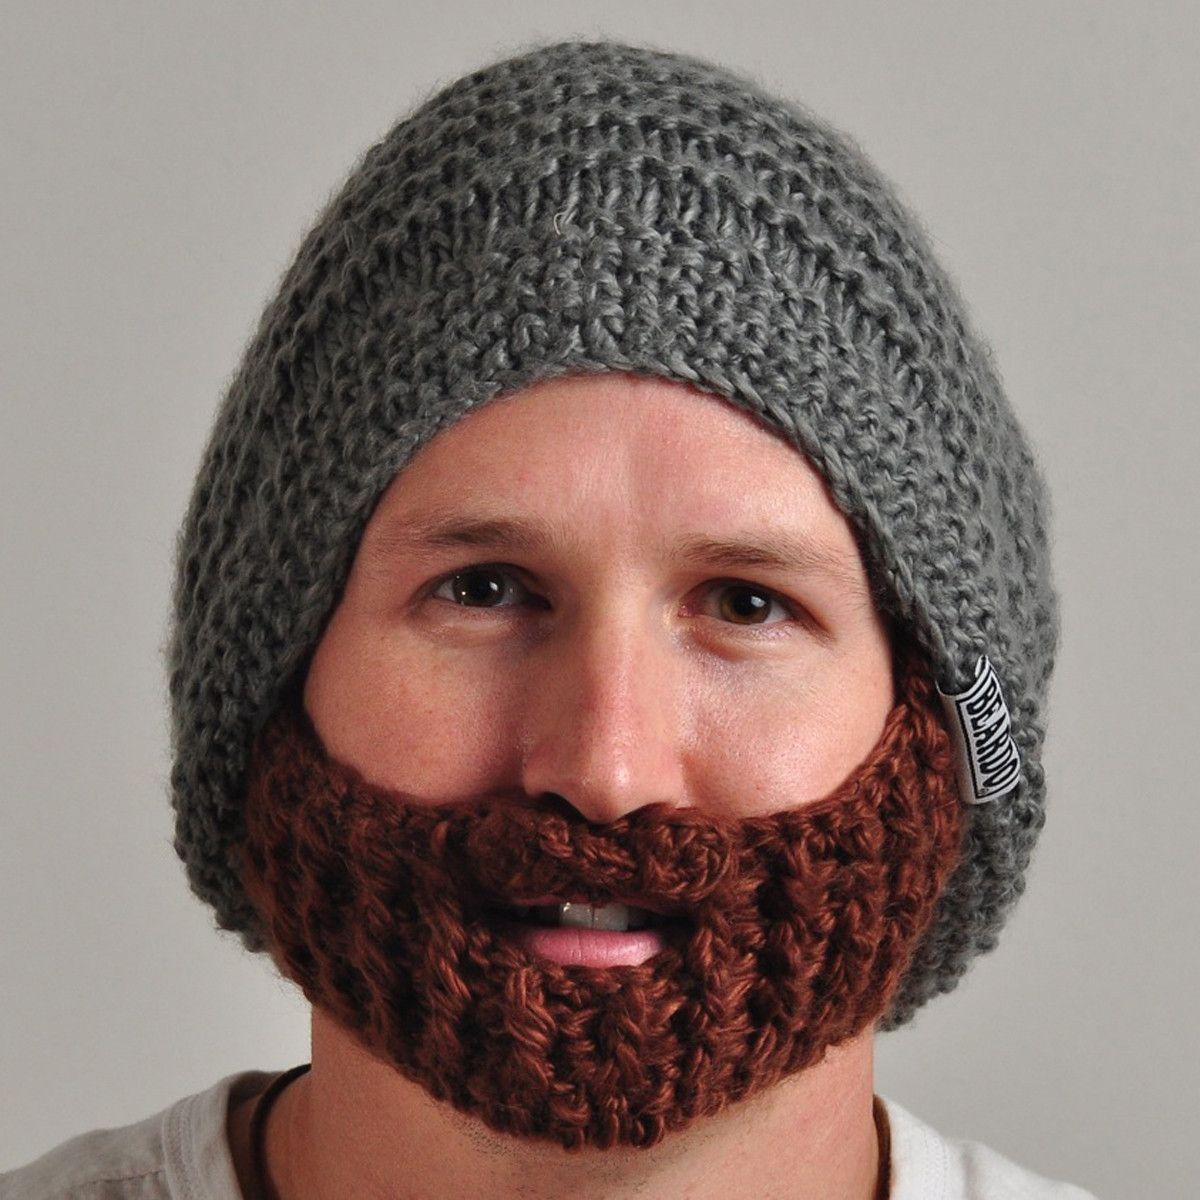 Weird Crochet Hats 10